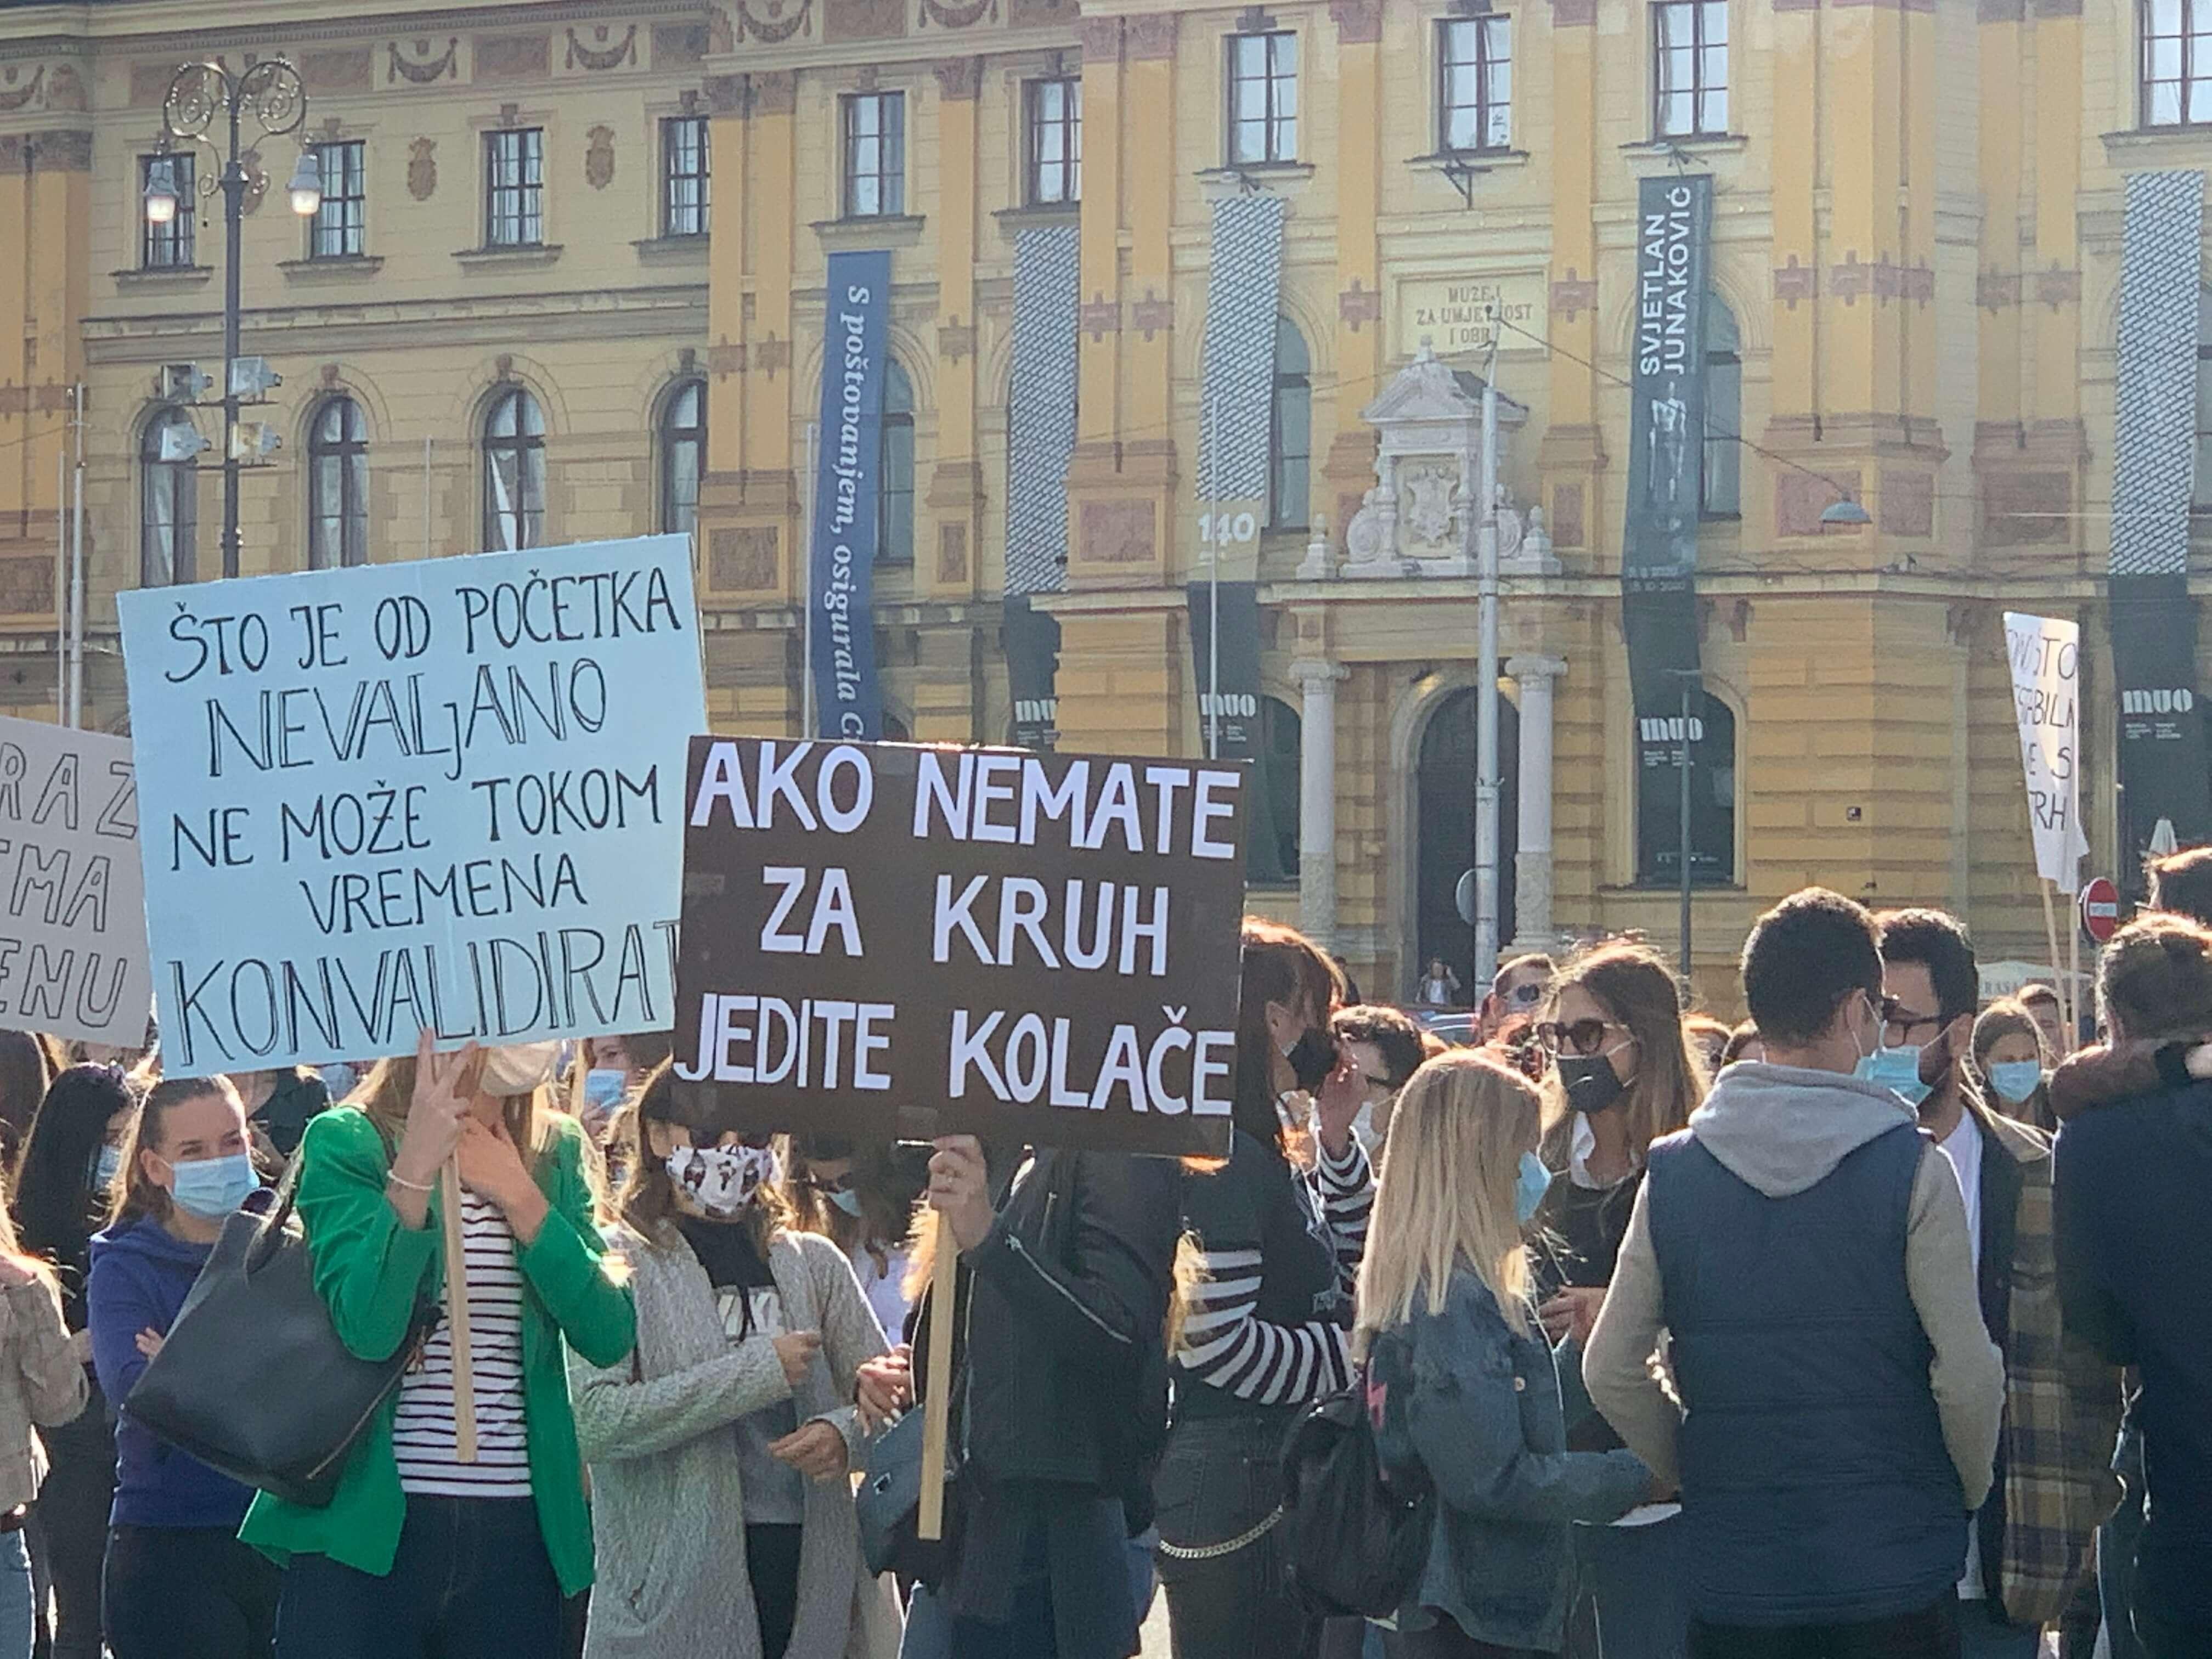 [FOTO] Studenti Prava baš su glasno prosvjedovali ispred HNK: Pogledajte najupečatljivije poruke